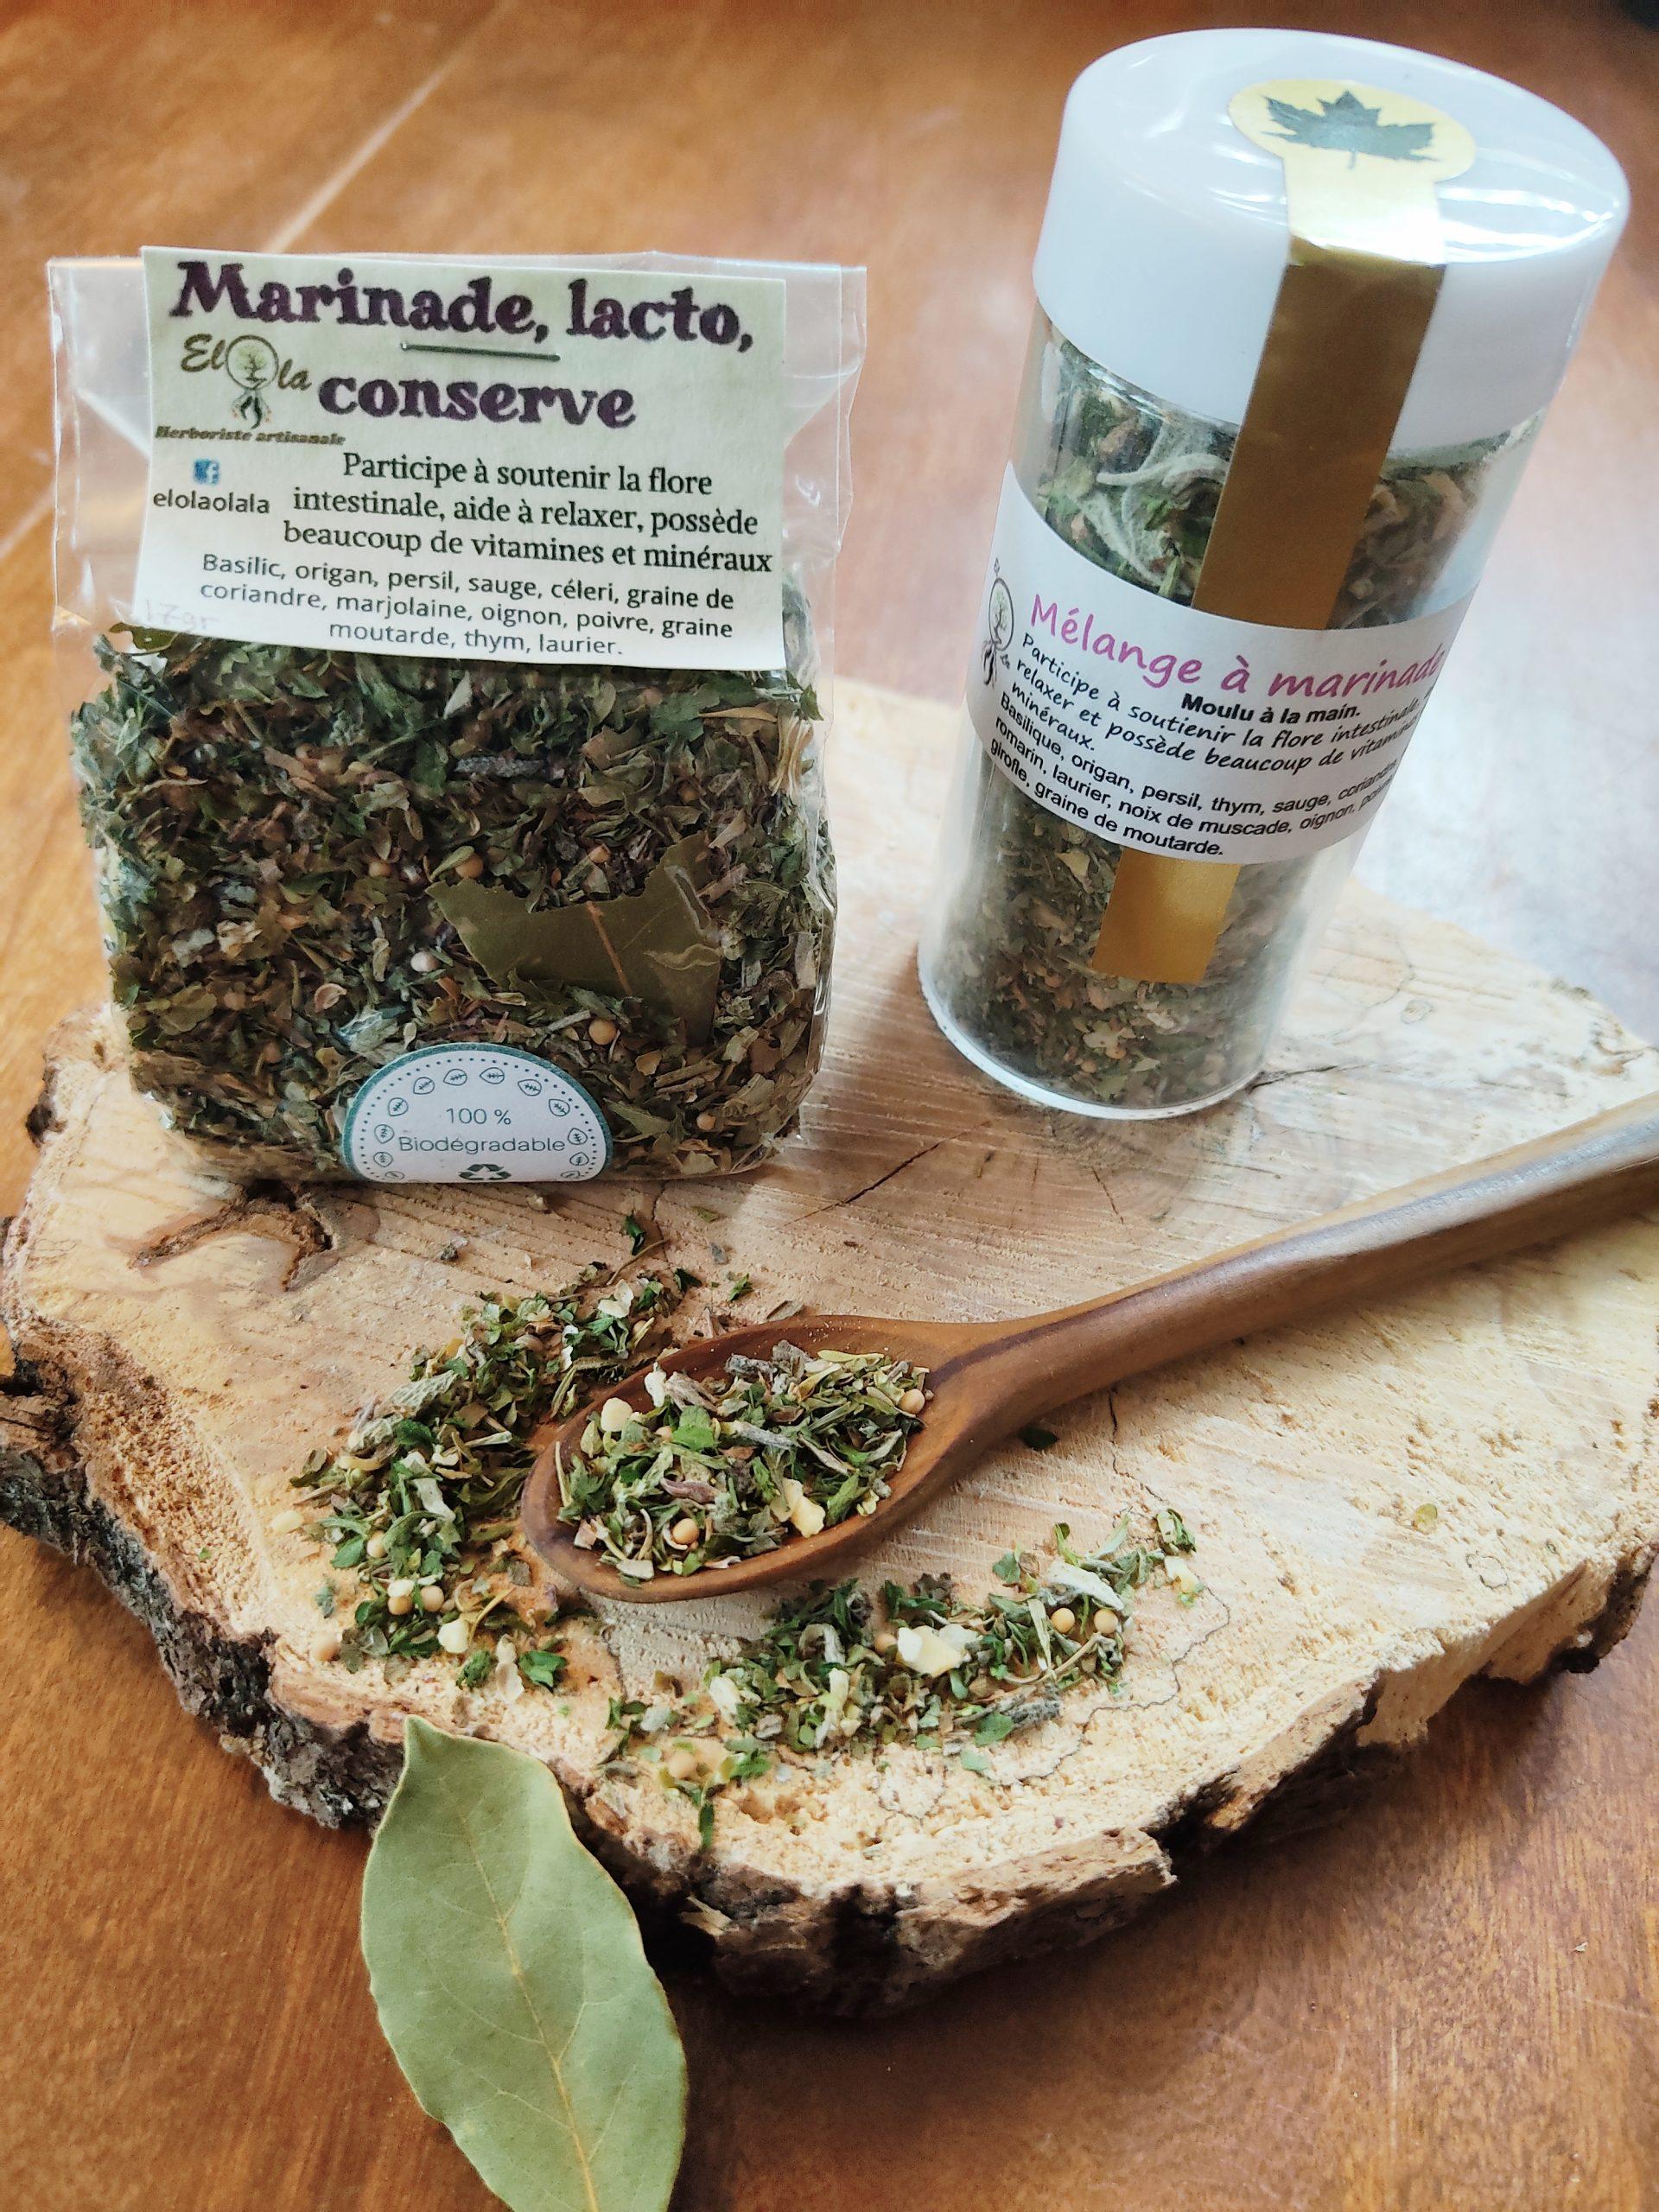 Herboristerie Elola - Épices à marinade, conserve et lacto